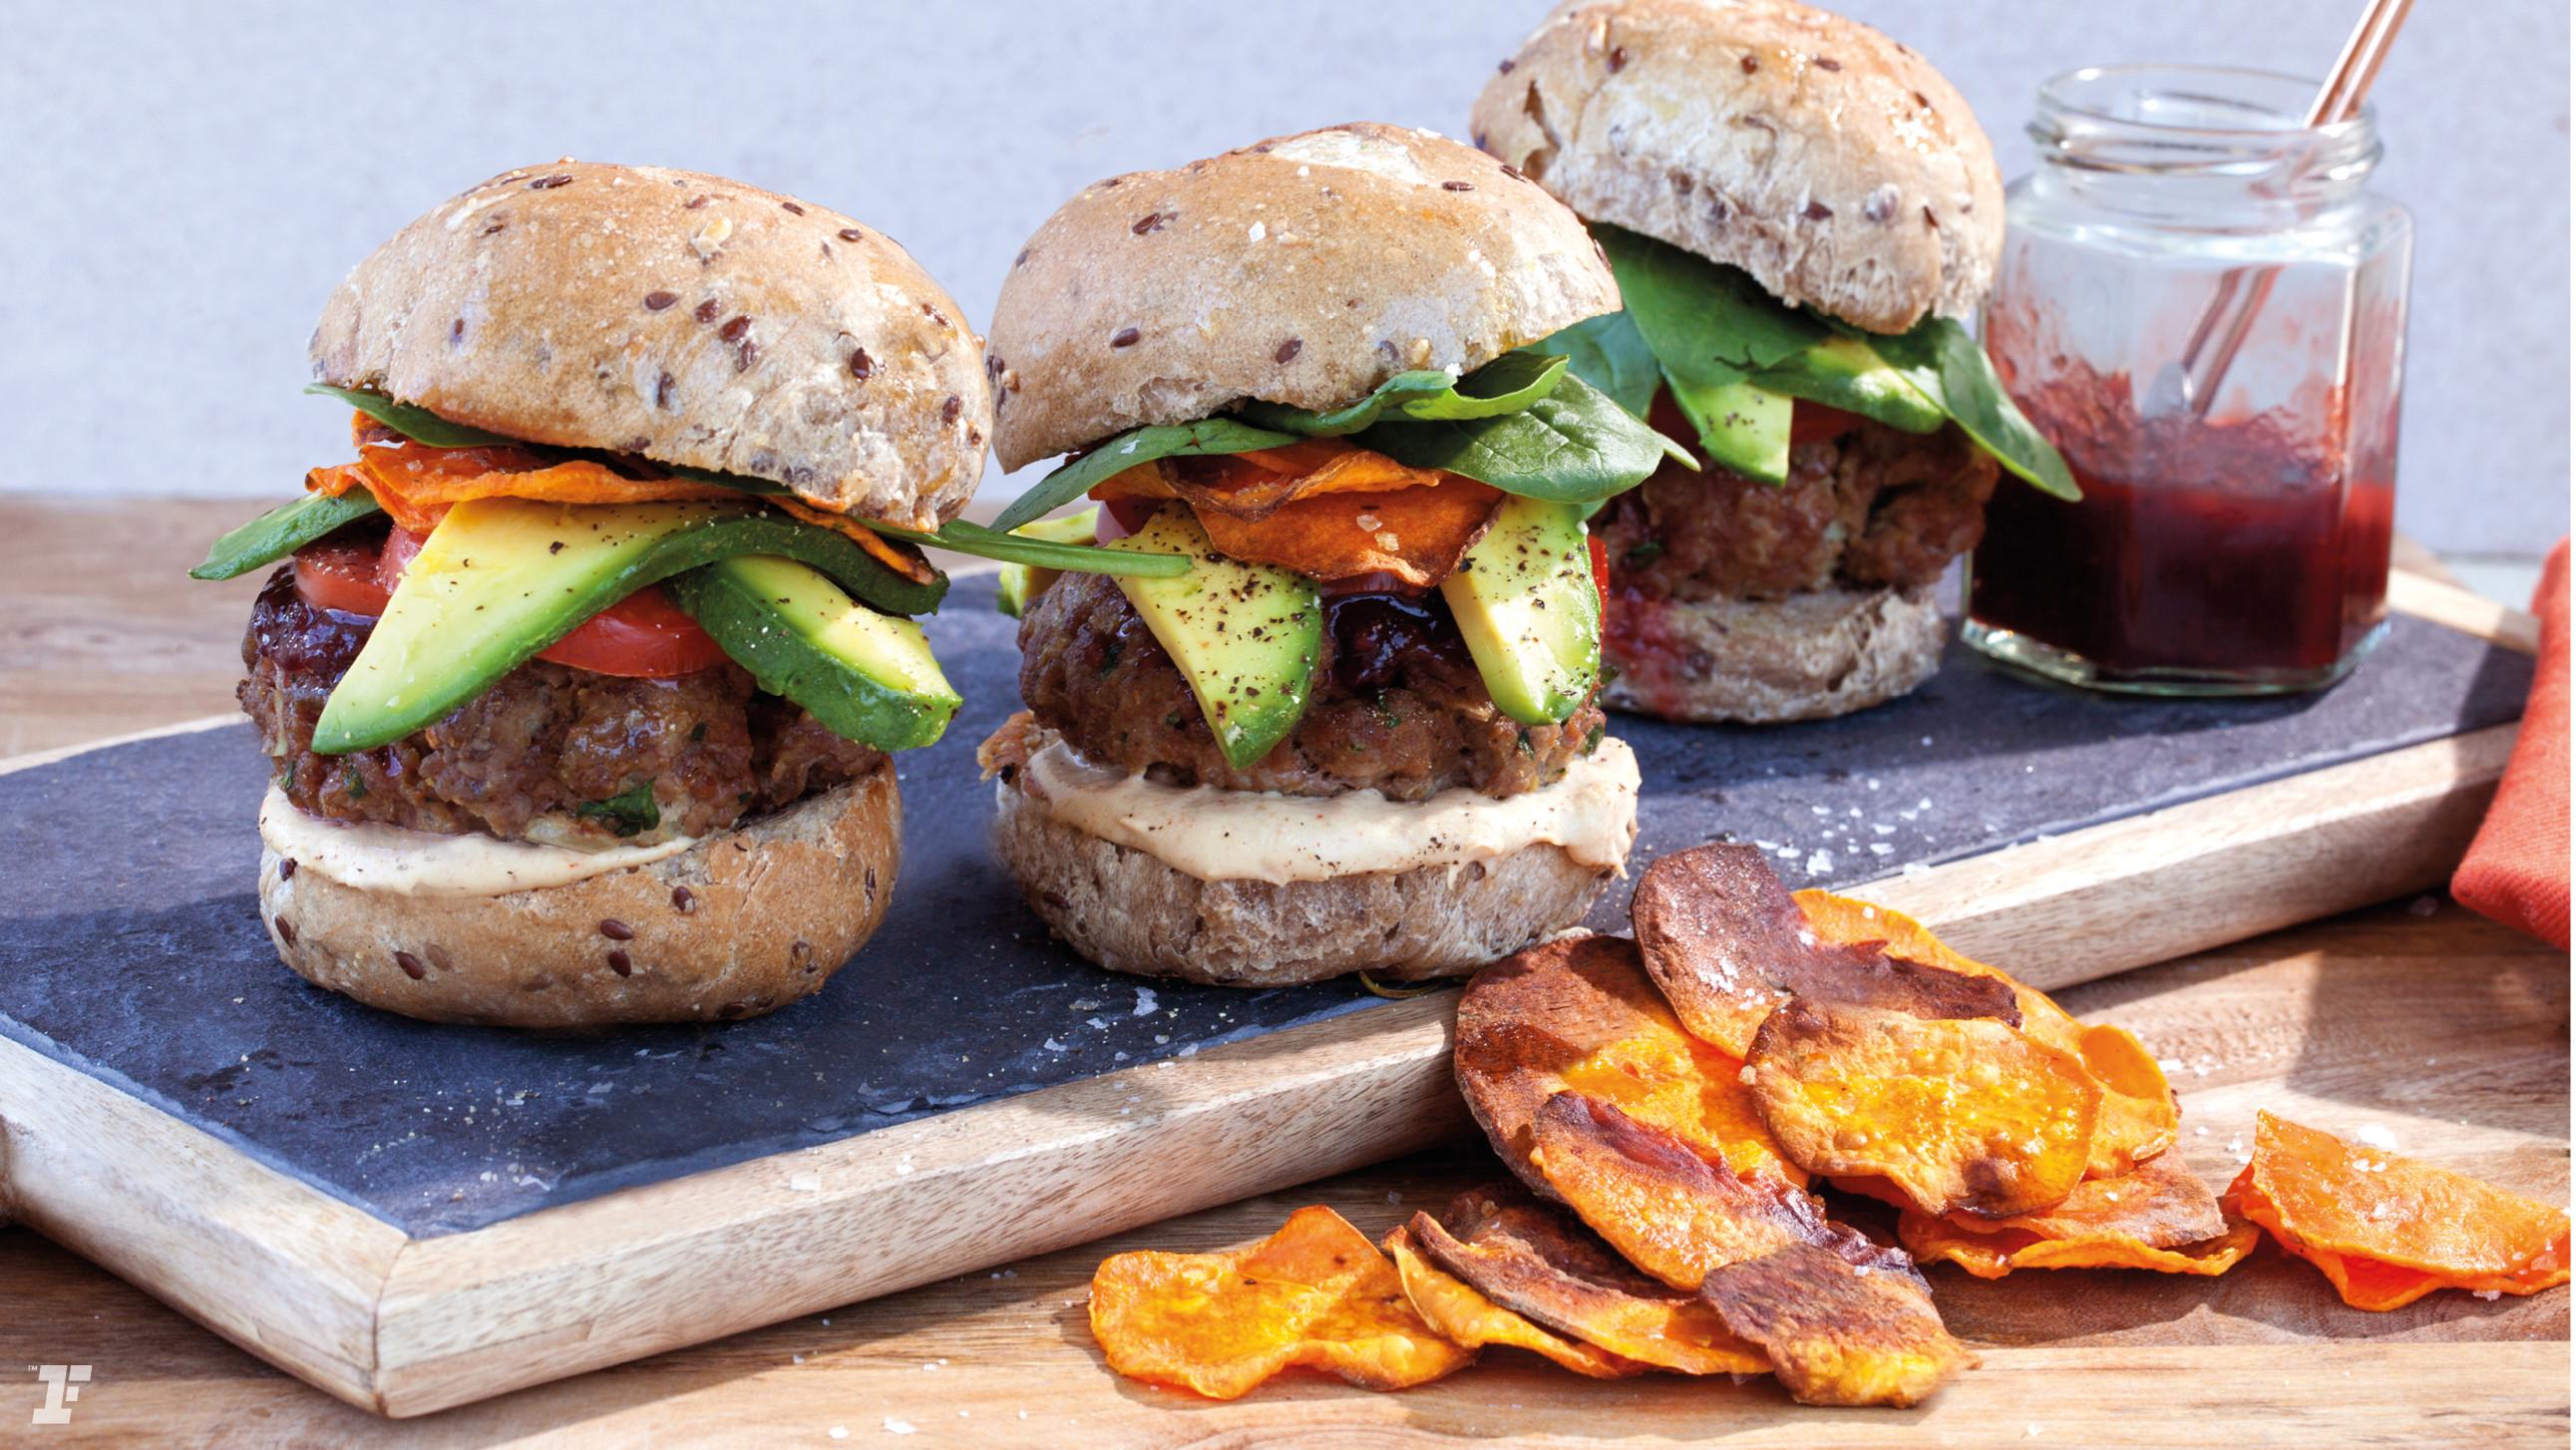 Are Hamburgers Healthy  MINI HEALTHY BURGERS WITH SWEET POTATO CRISPS